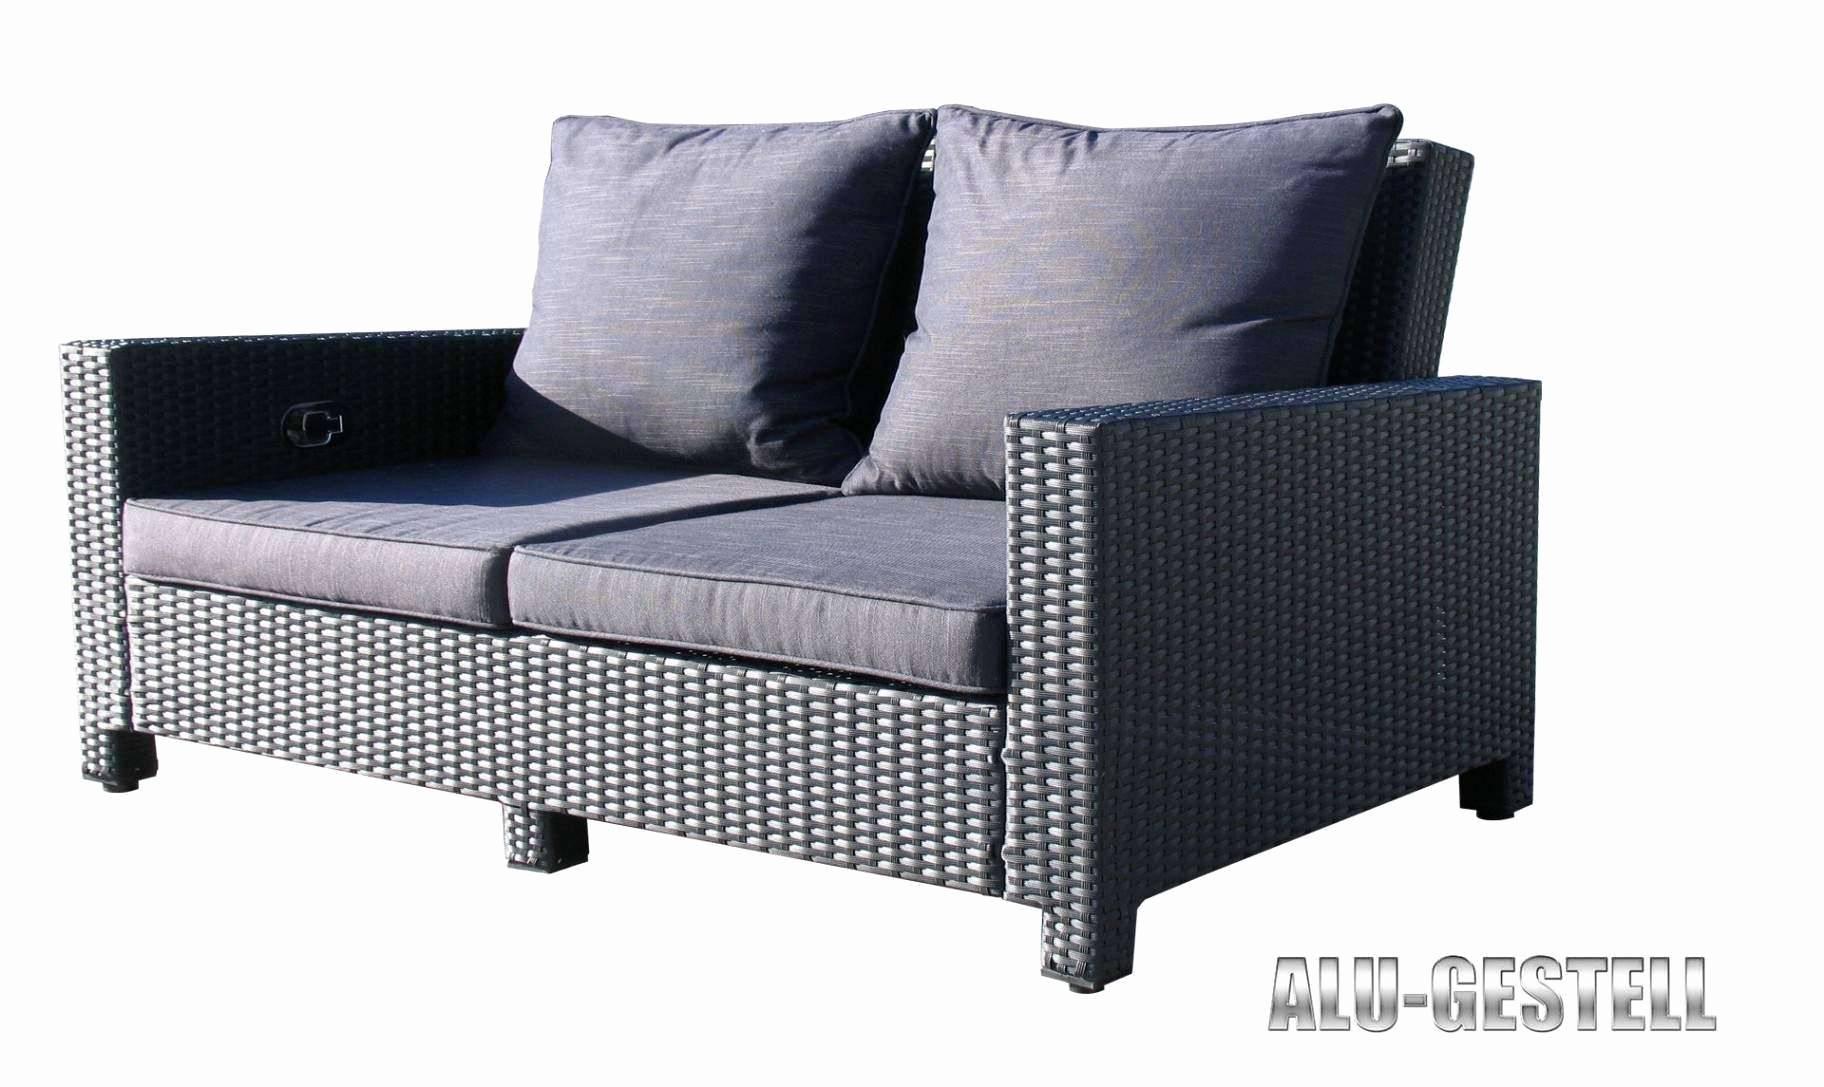 deko fur tisch wohnzimmer inspirierend deko fur wohnzimmertisch das beste von ser glanzend fototapete of deko fur tisch wohnzimmer